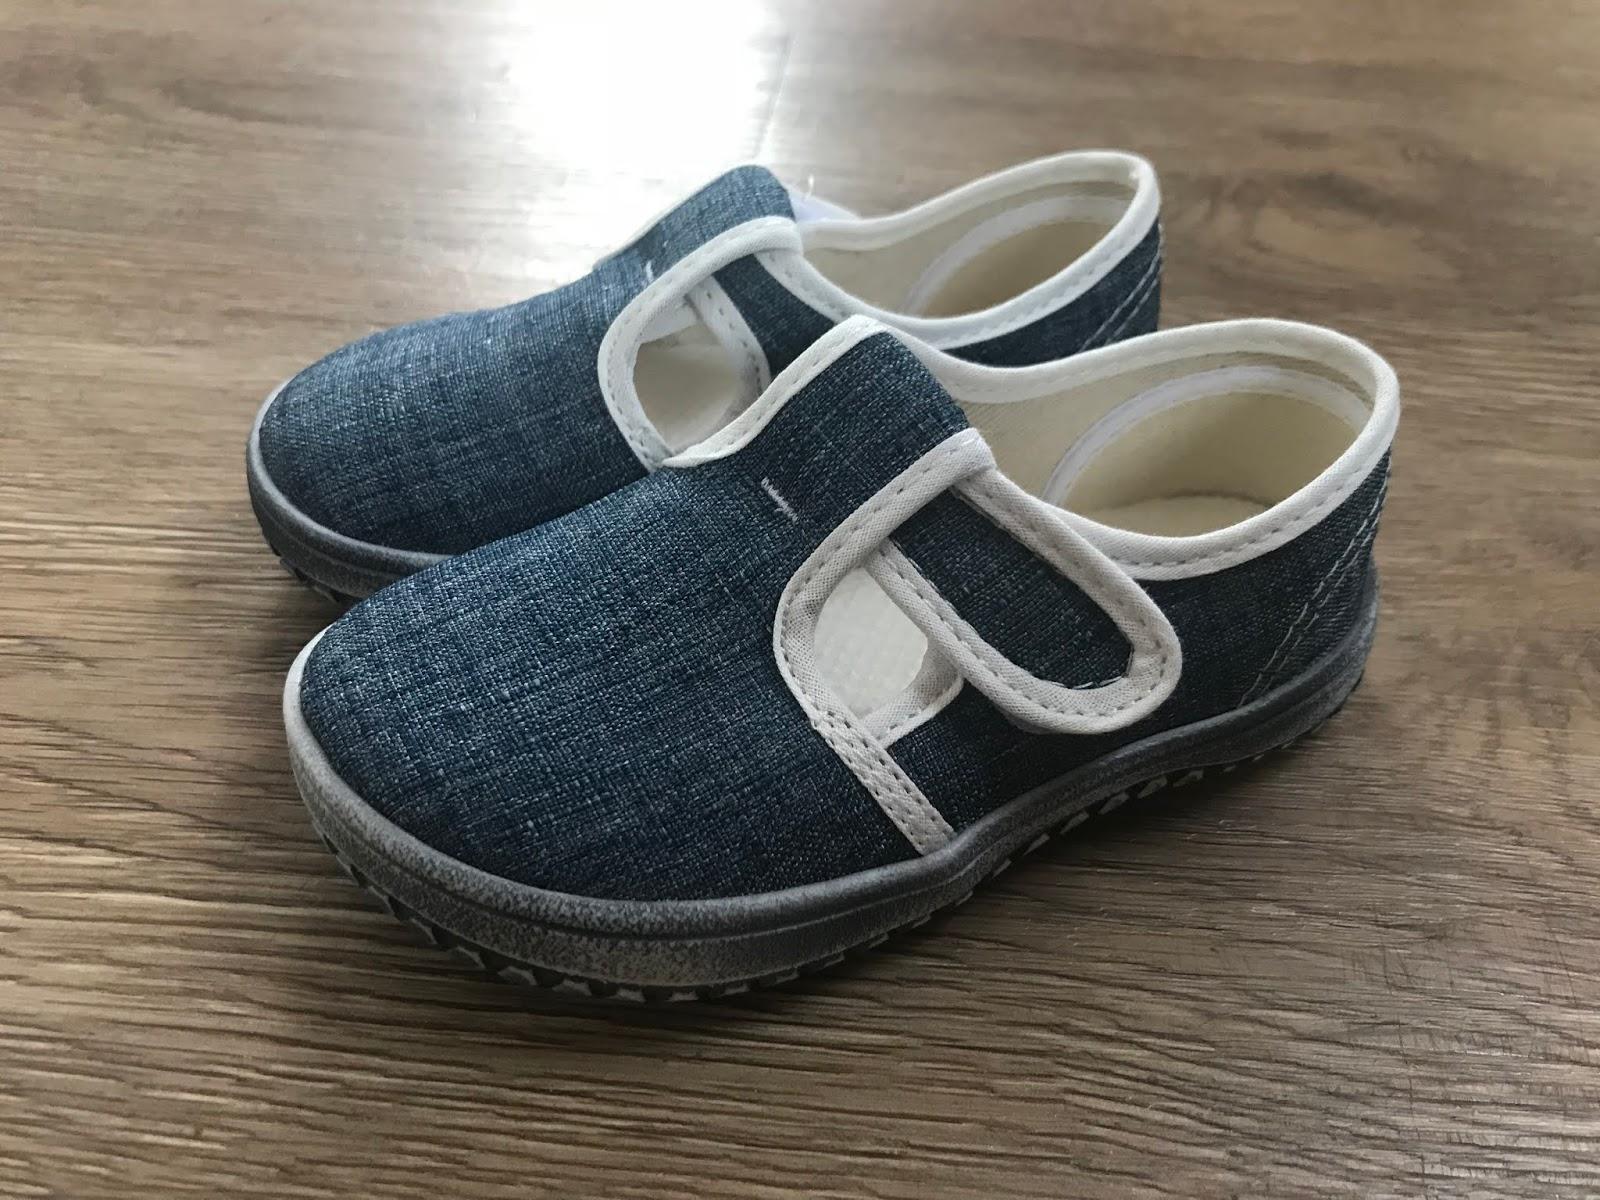 4c33595f611 Nové dětské barefoot boty české výroby. Ostatní modely viz články Jonap B1